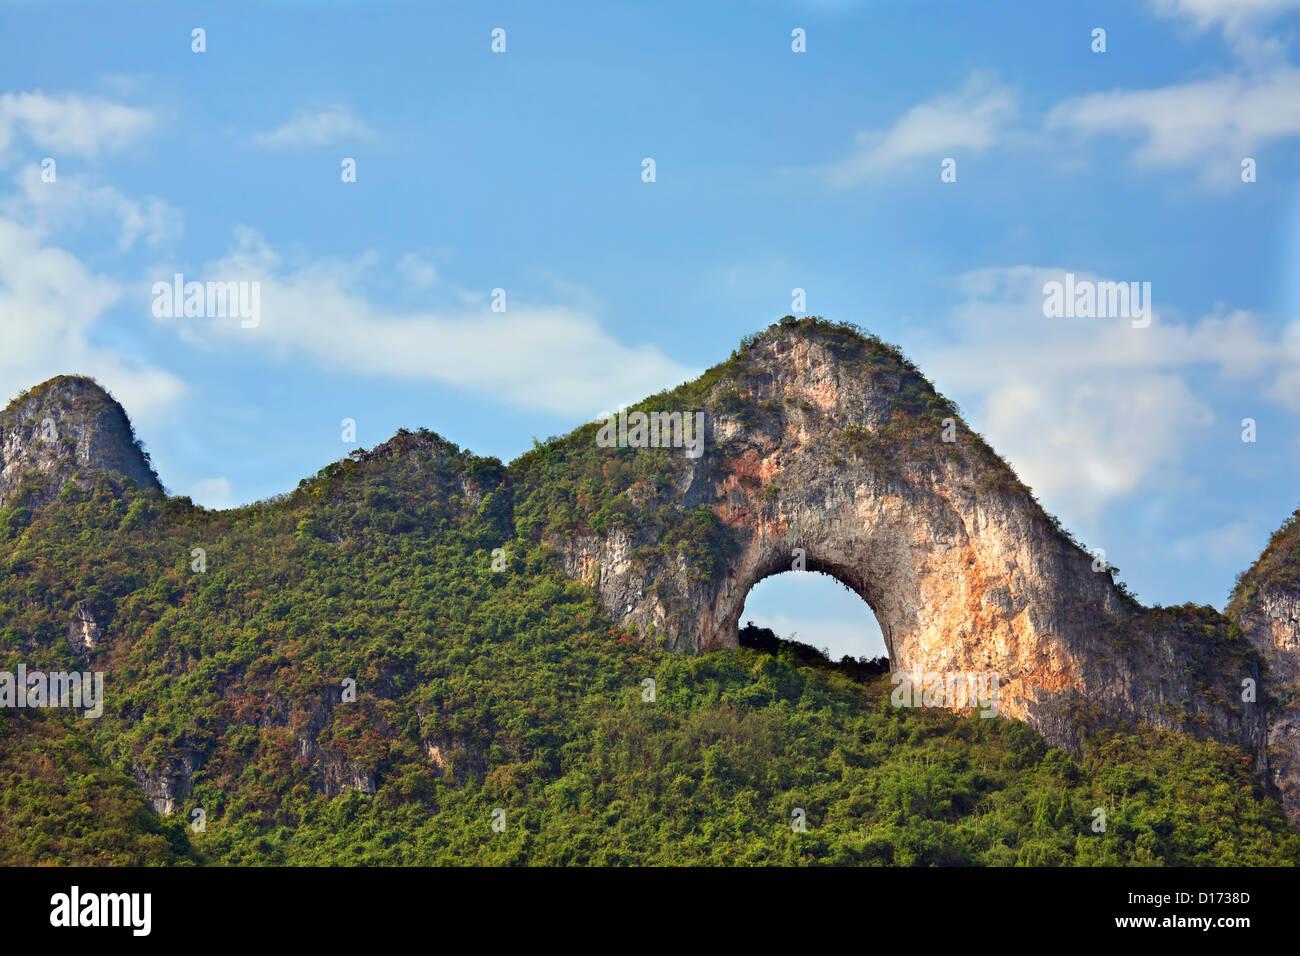 Moon Hill à l'extérieur de la région autonome du Guangxi, Yangshuo, Chine Photo Stock